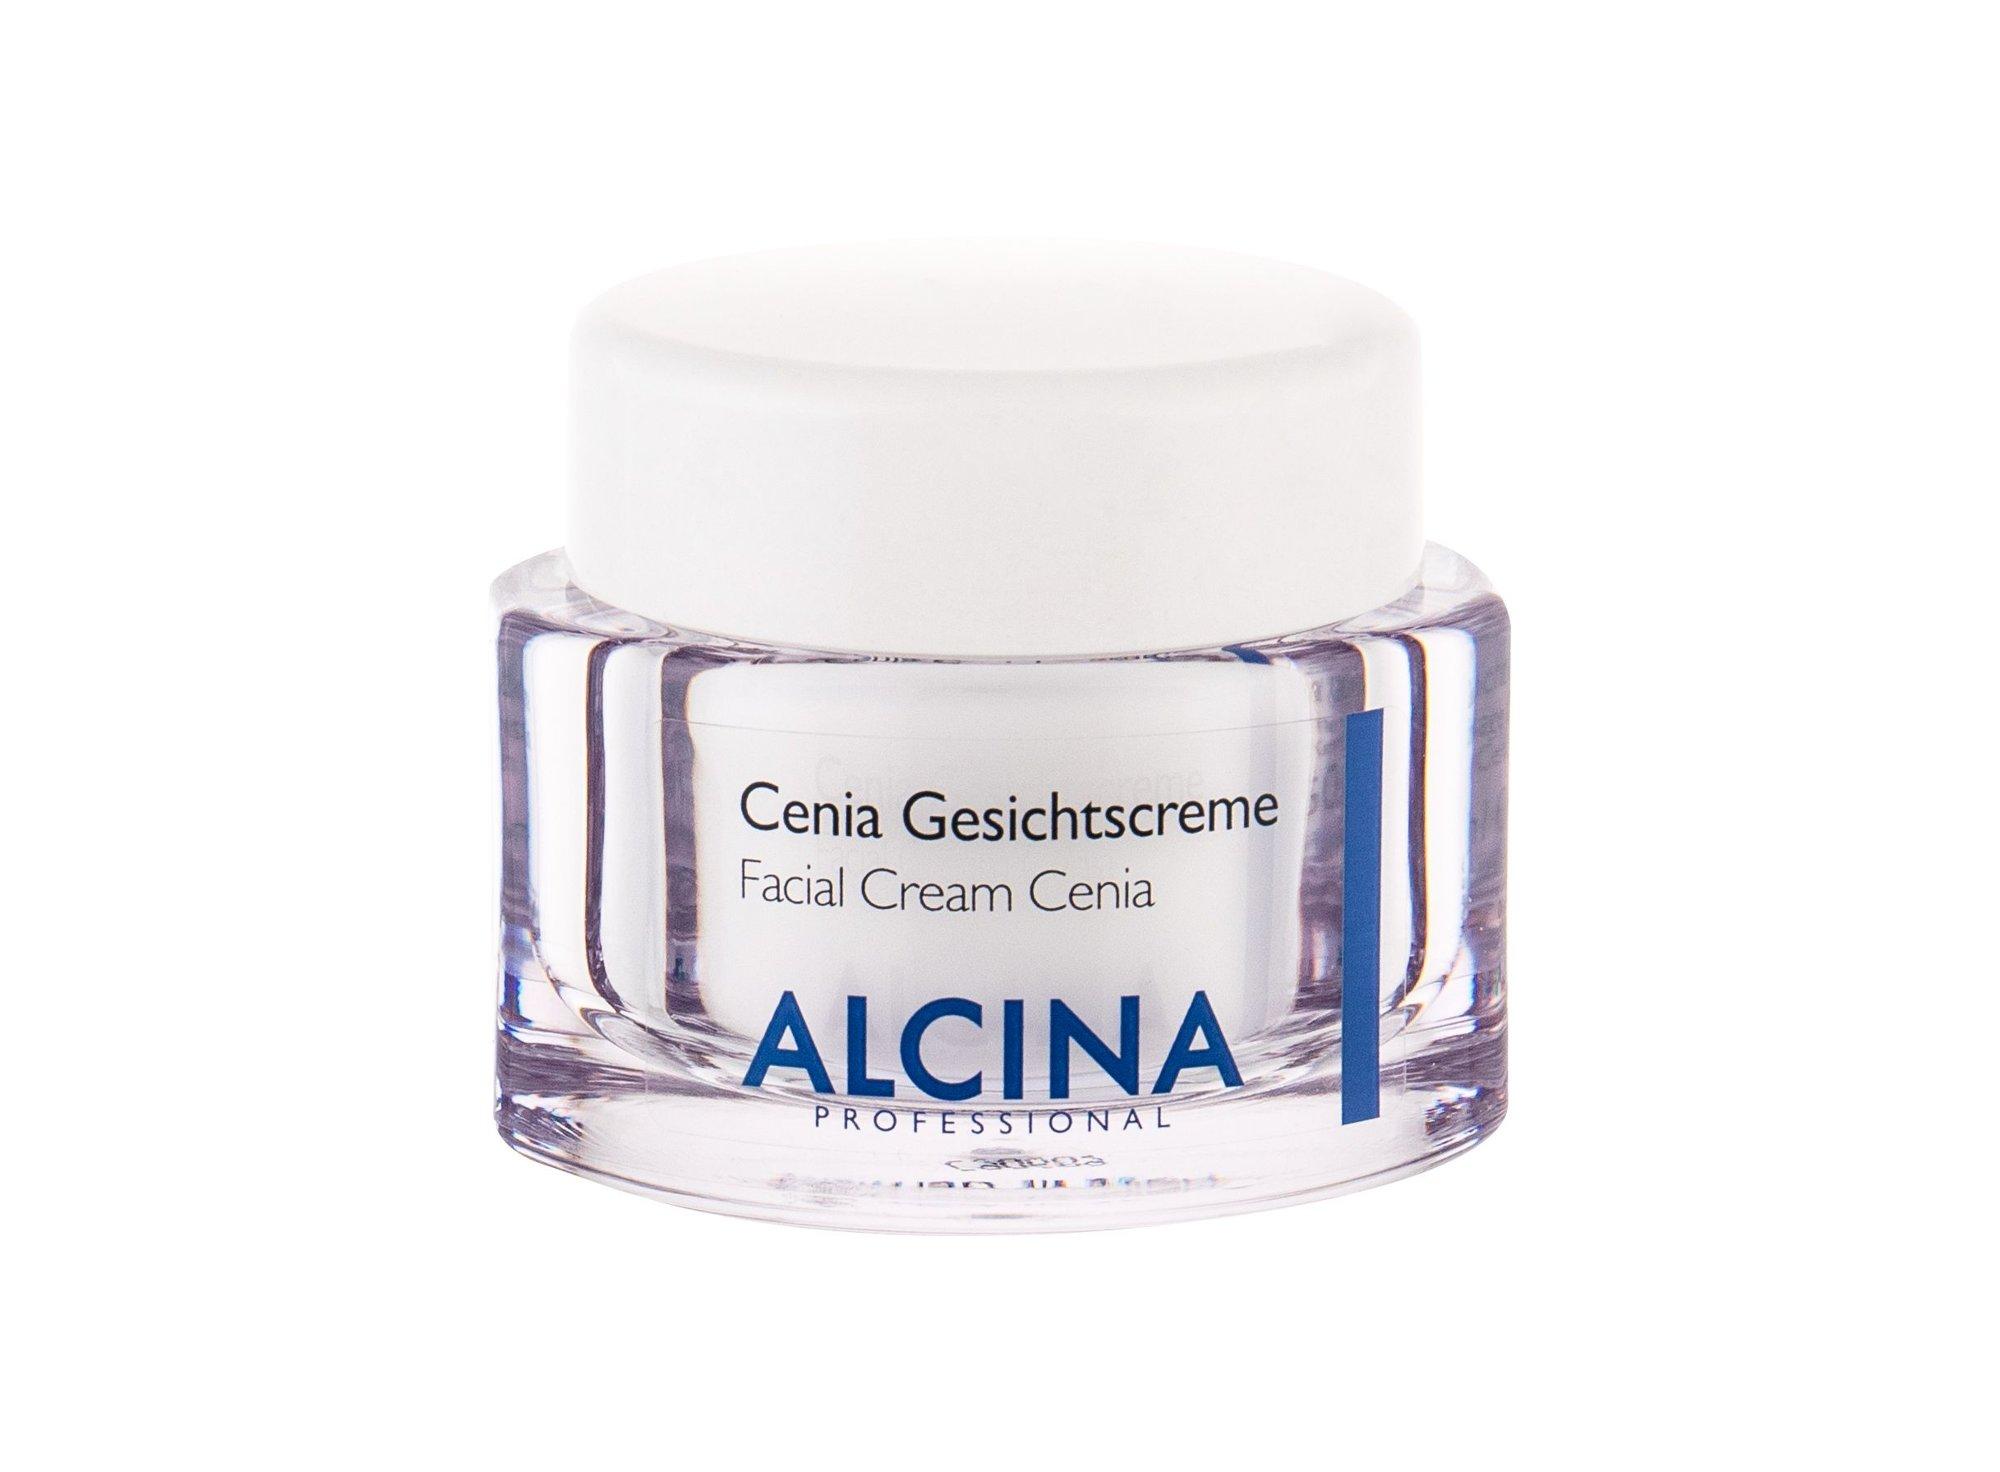 ALCINA Cenia Day Cream 50ml